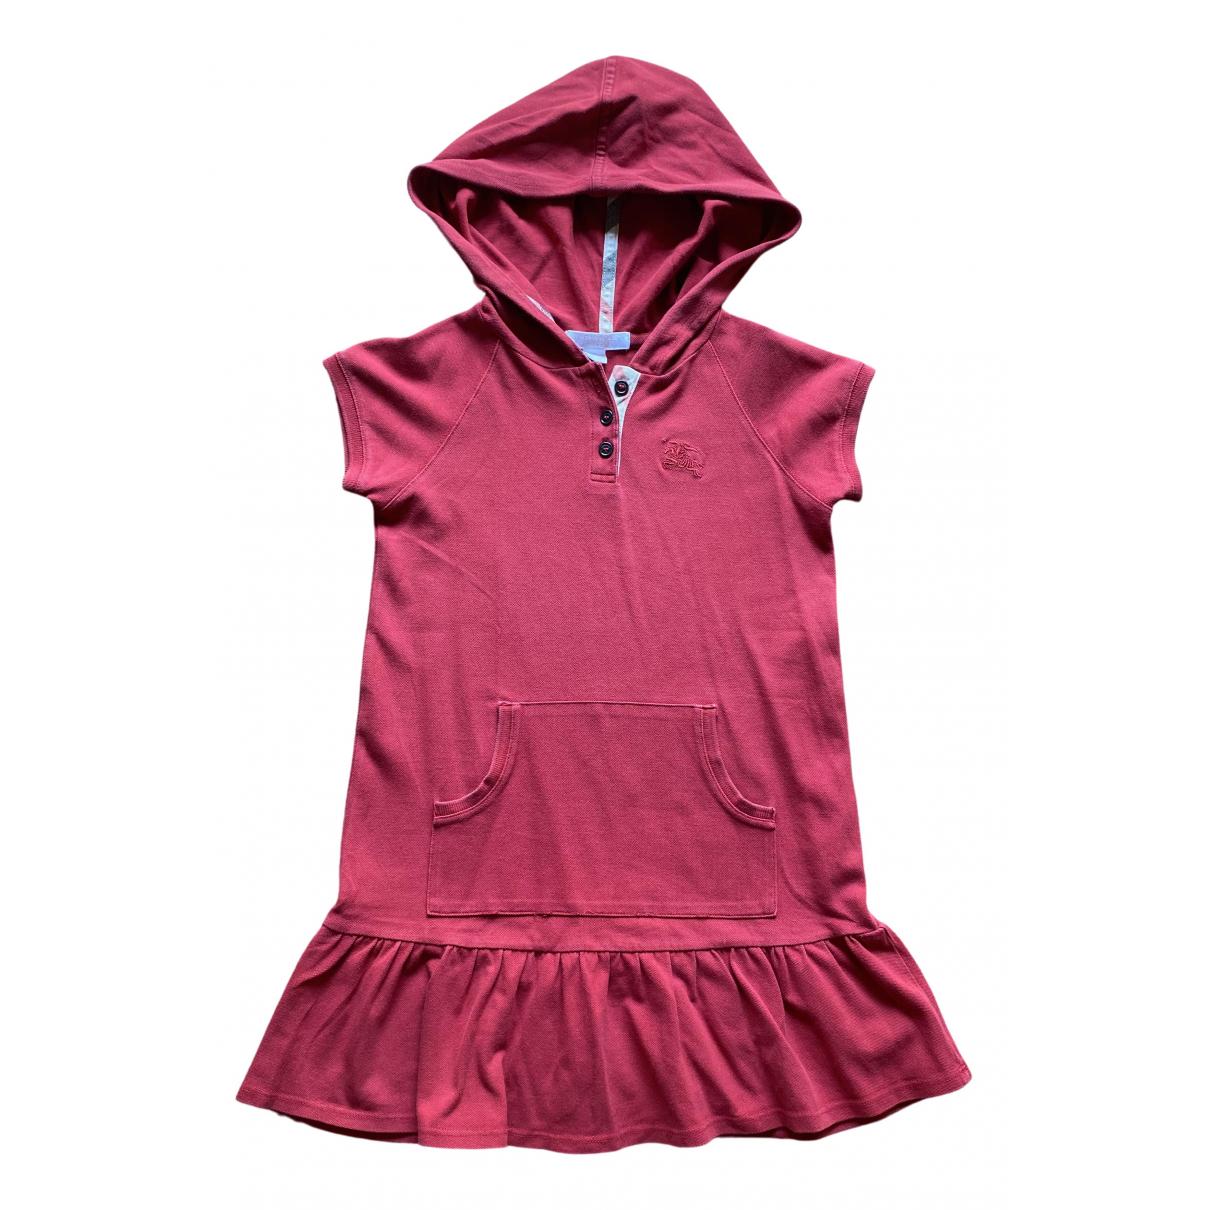 Burberry \N Kleid in  Bordeauxrot Baumwolle - Elasthan